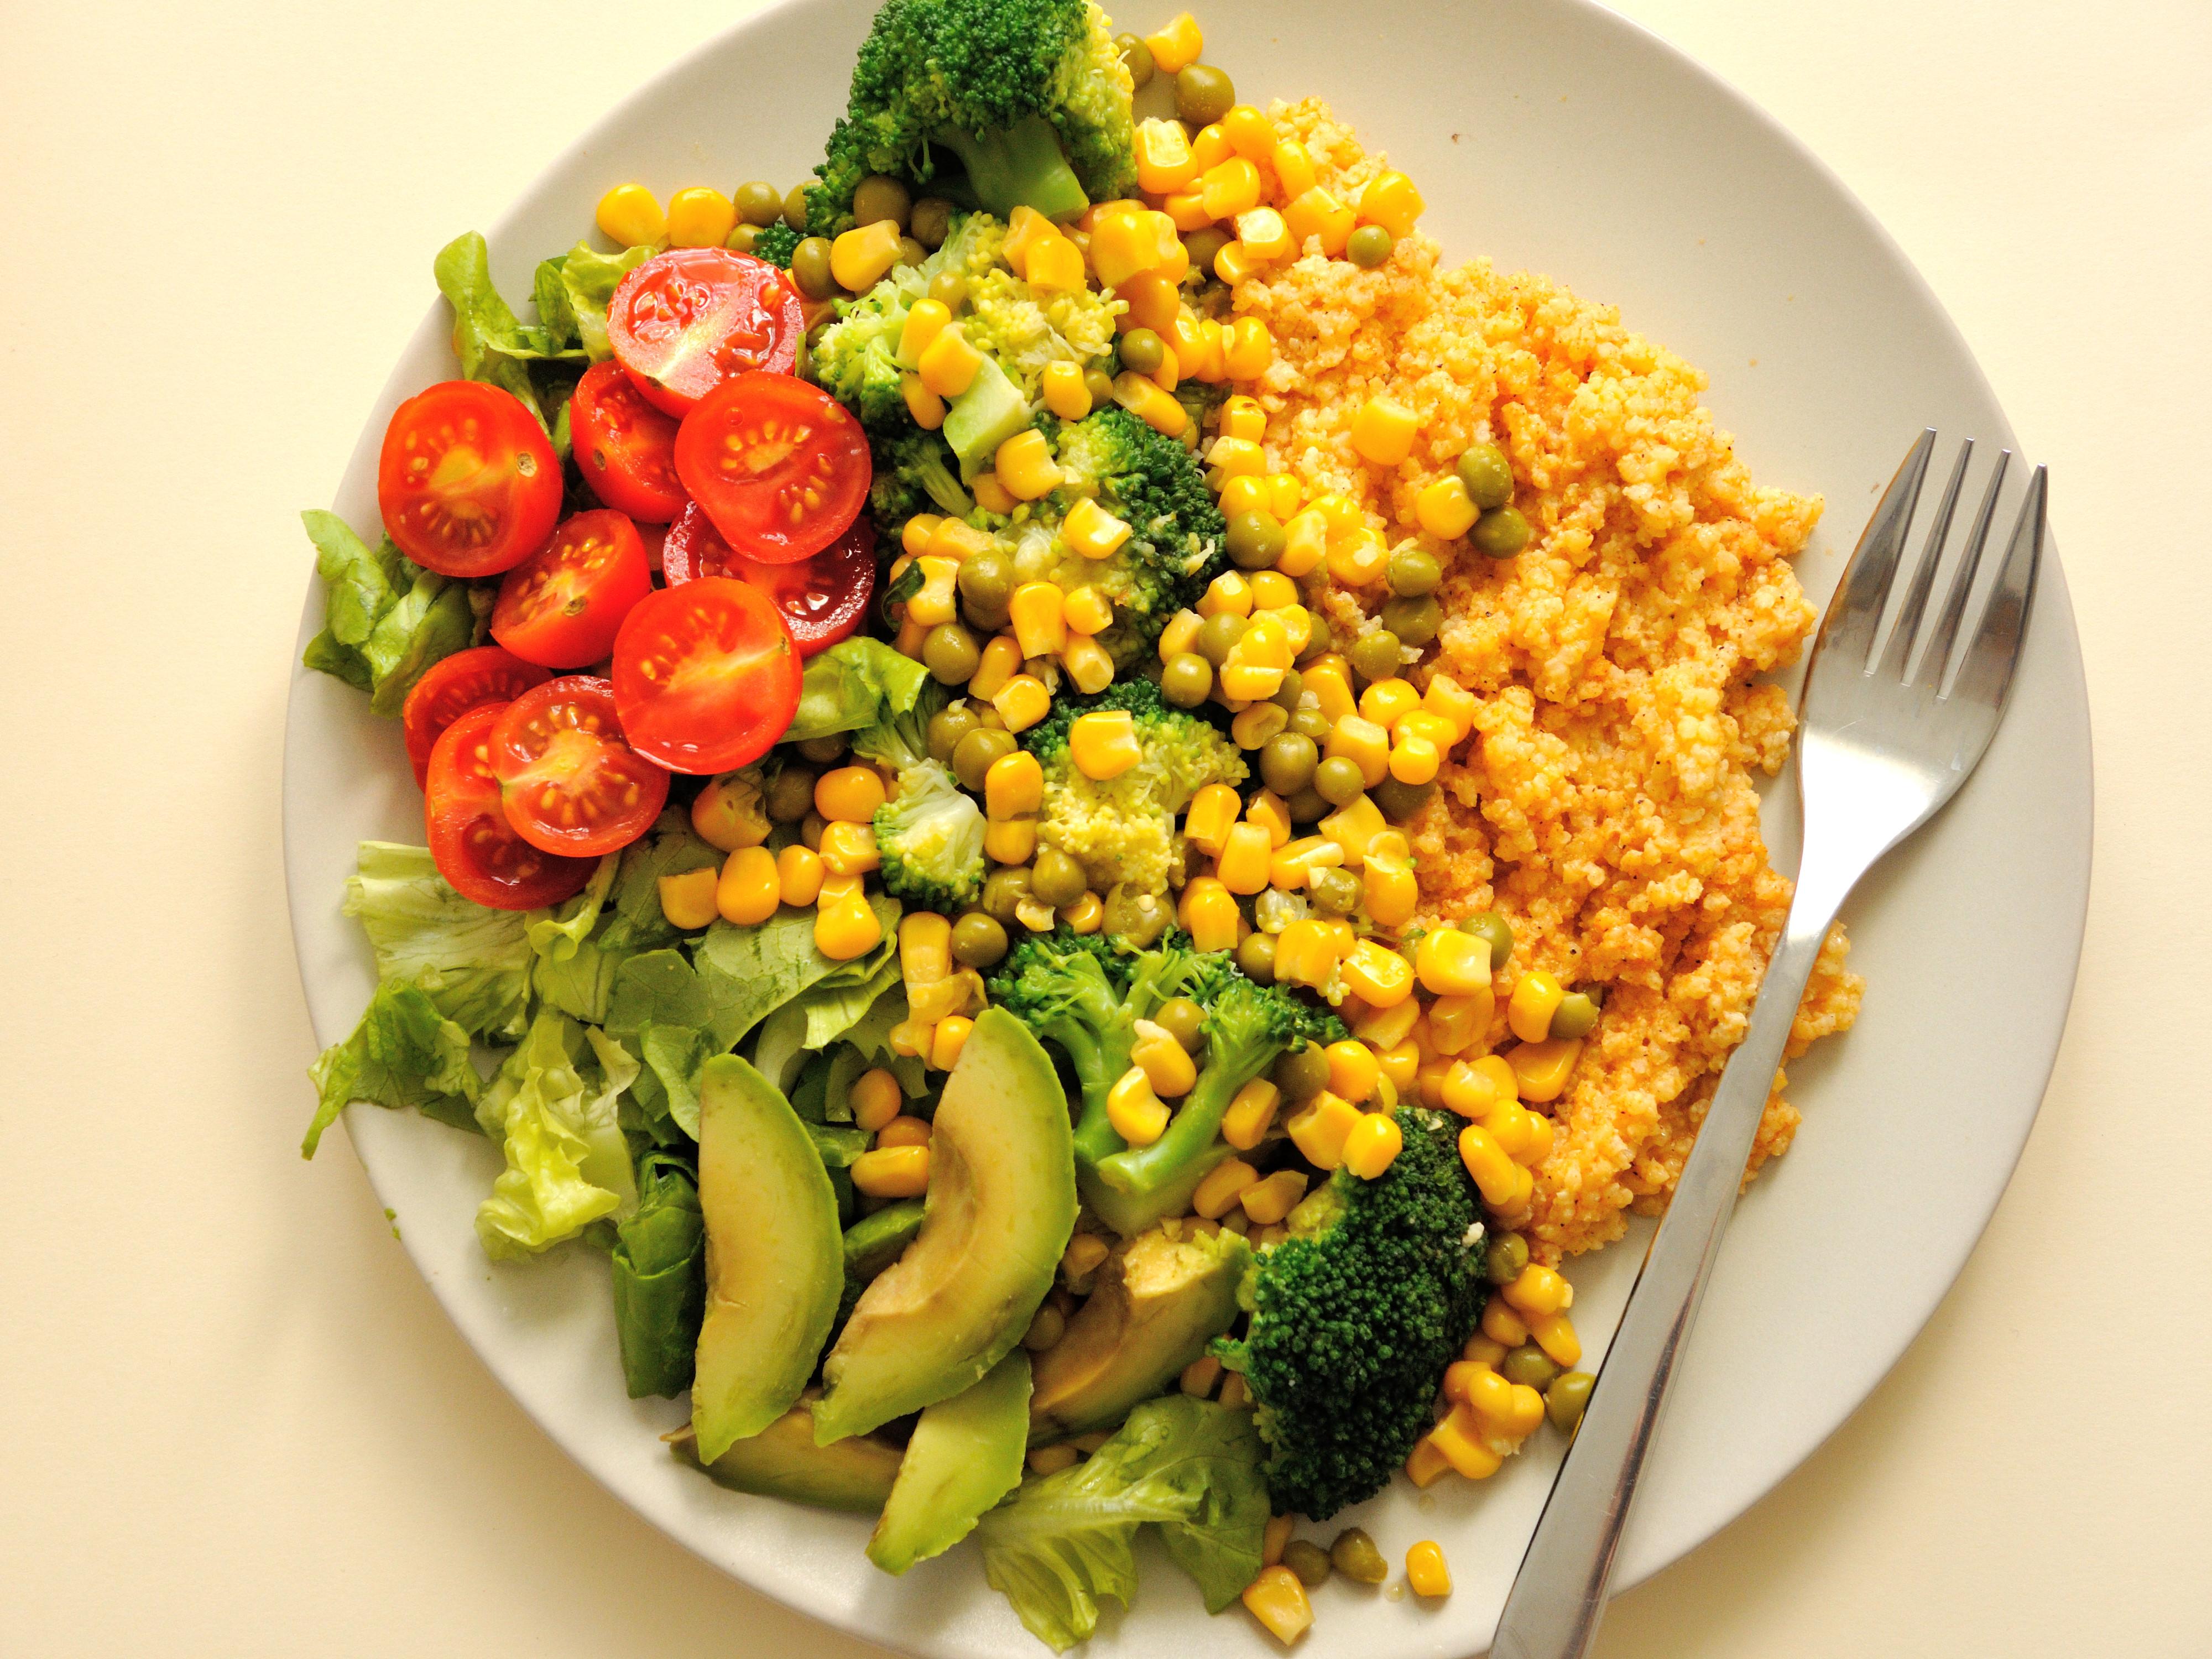 Zdrowy Warzywny Obiad Z Kasza Jaglana Rabarbarowo